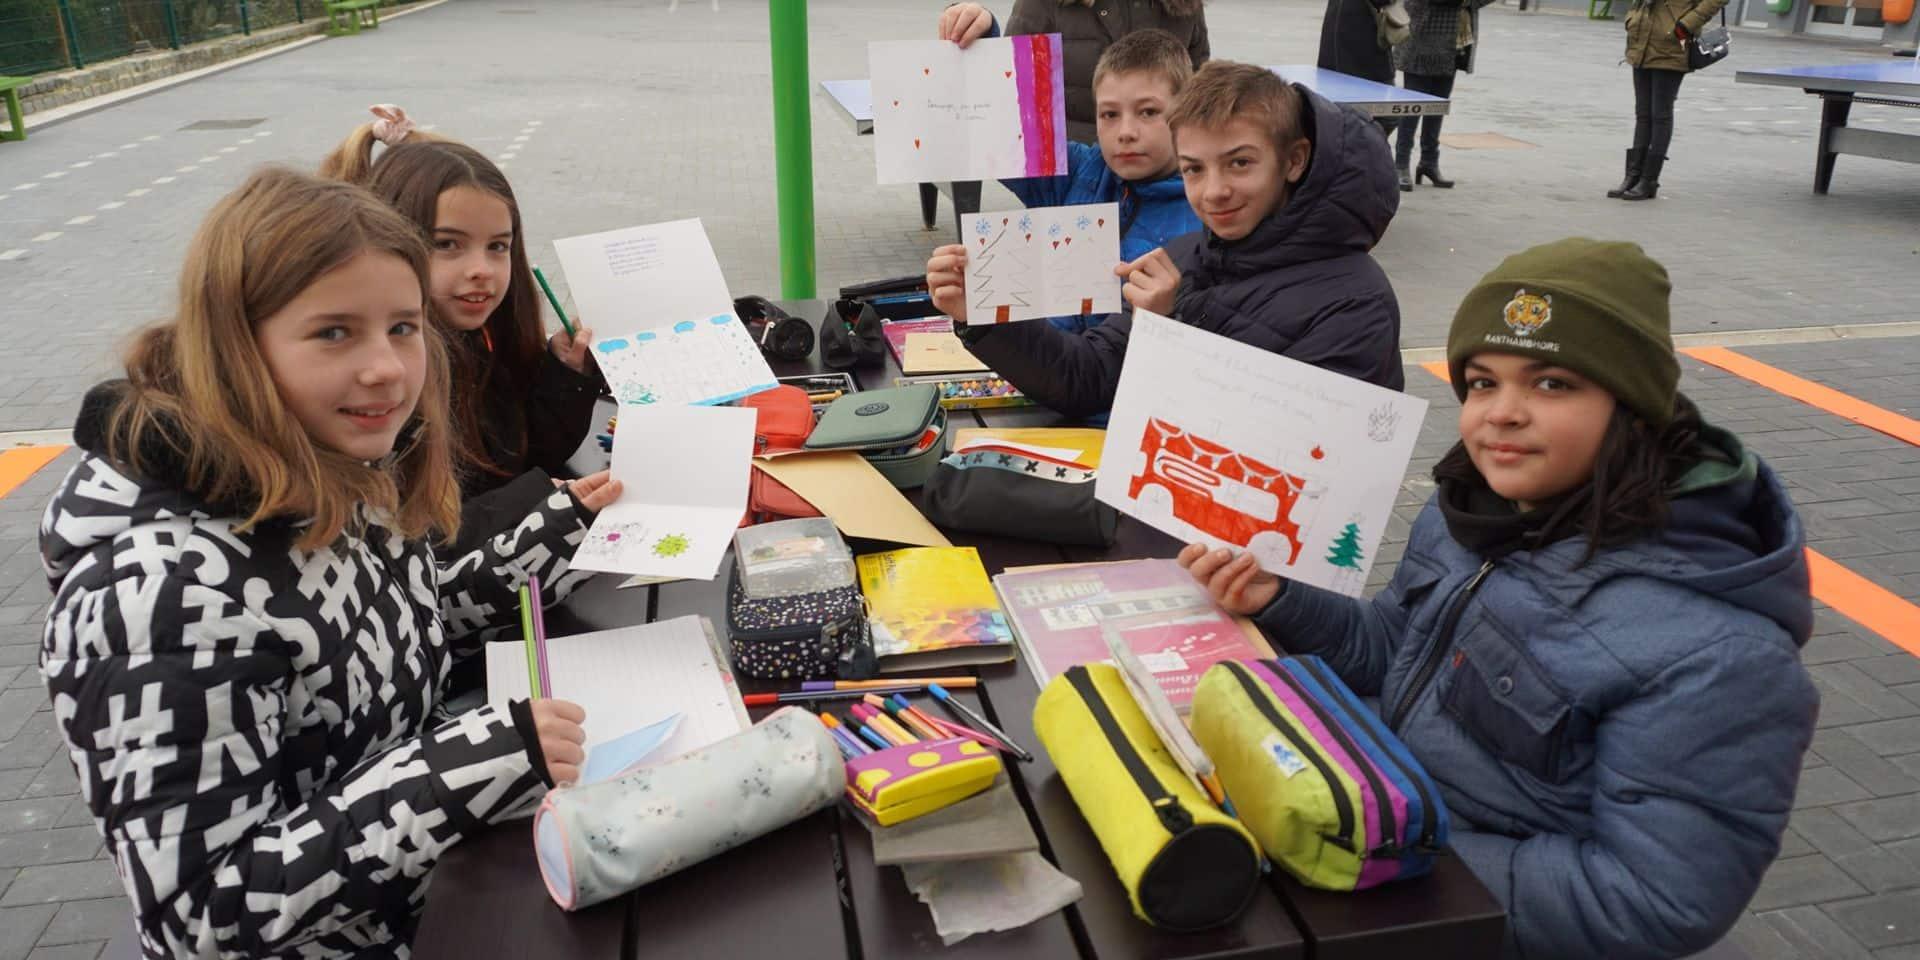 Une trentaine d'écoles du Brabant wallon distribuent des dessins aux patients et au personnel de première ligne